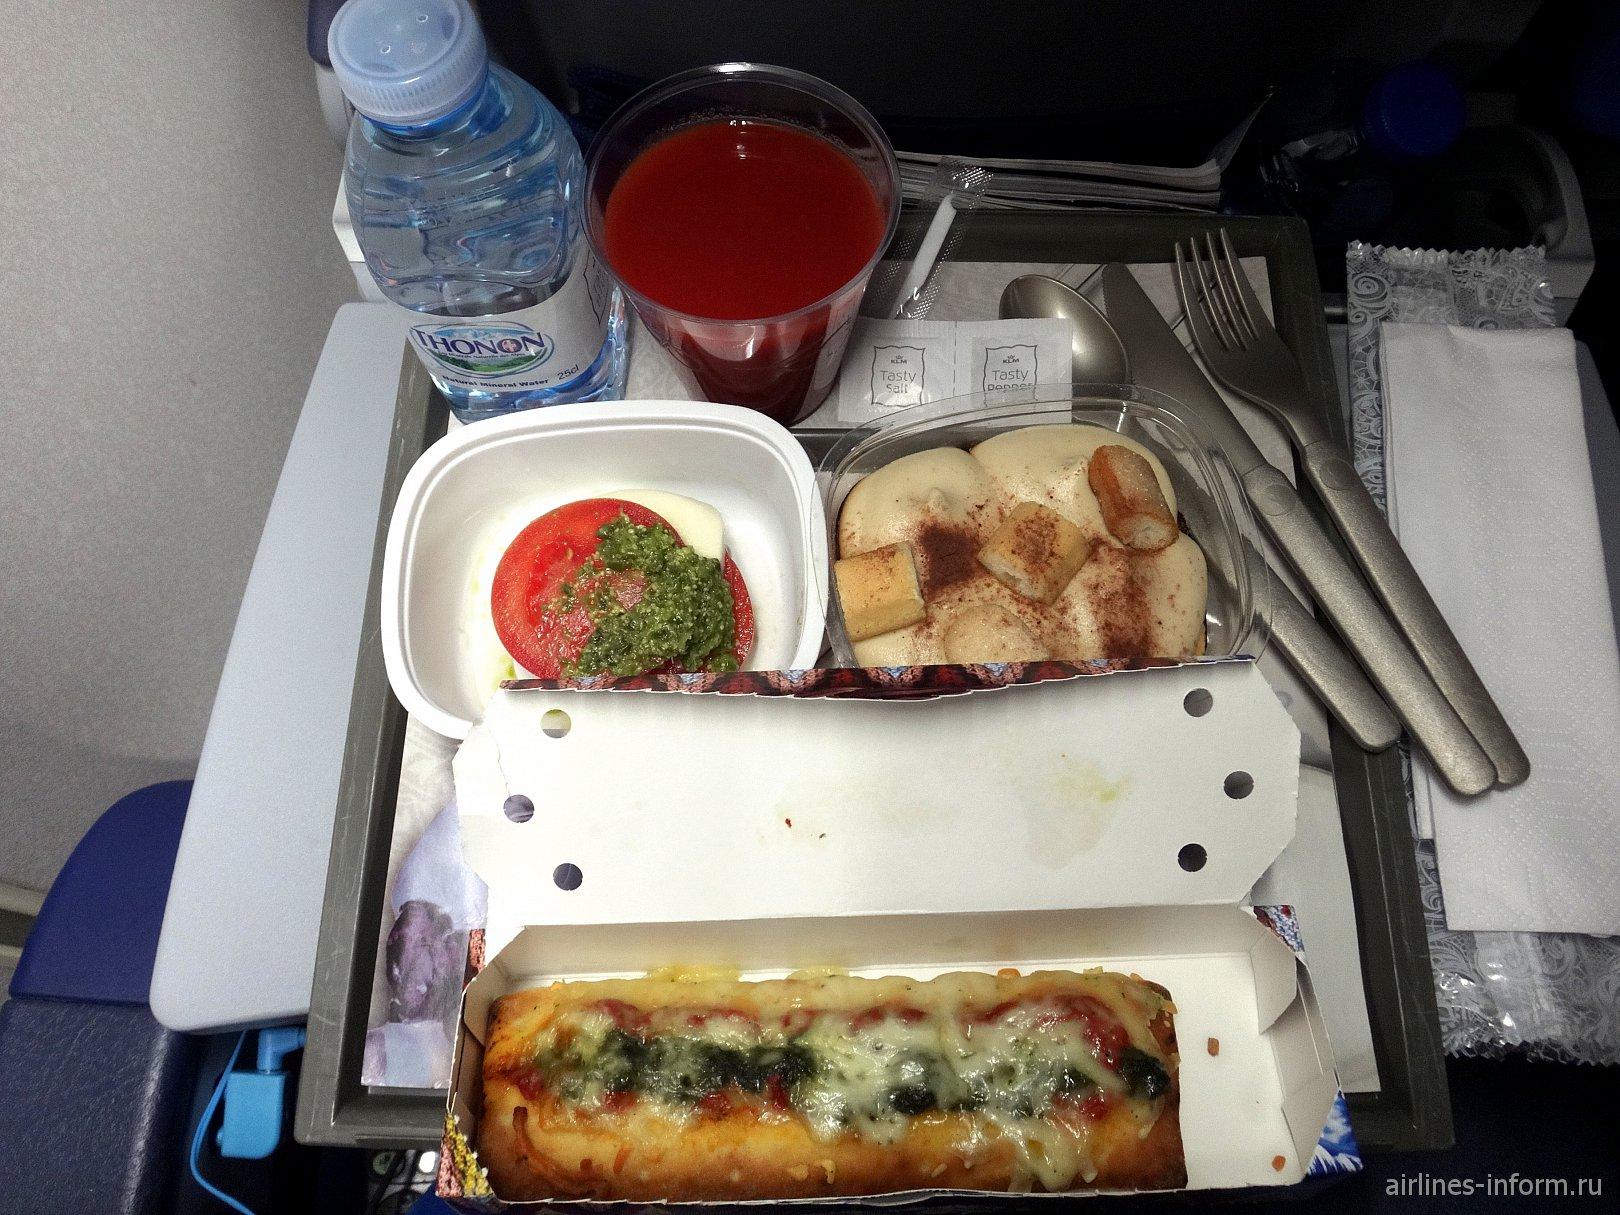 Второе питание на рейсе Амстердам-Хьюстон авиакомпании KLM